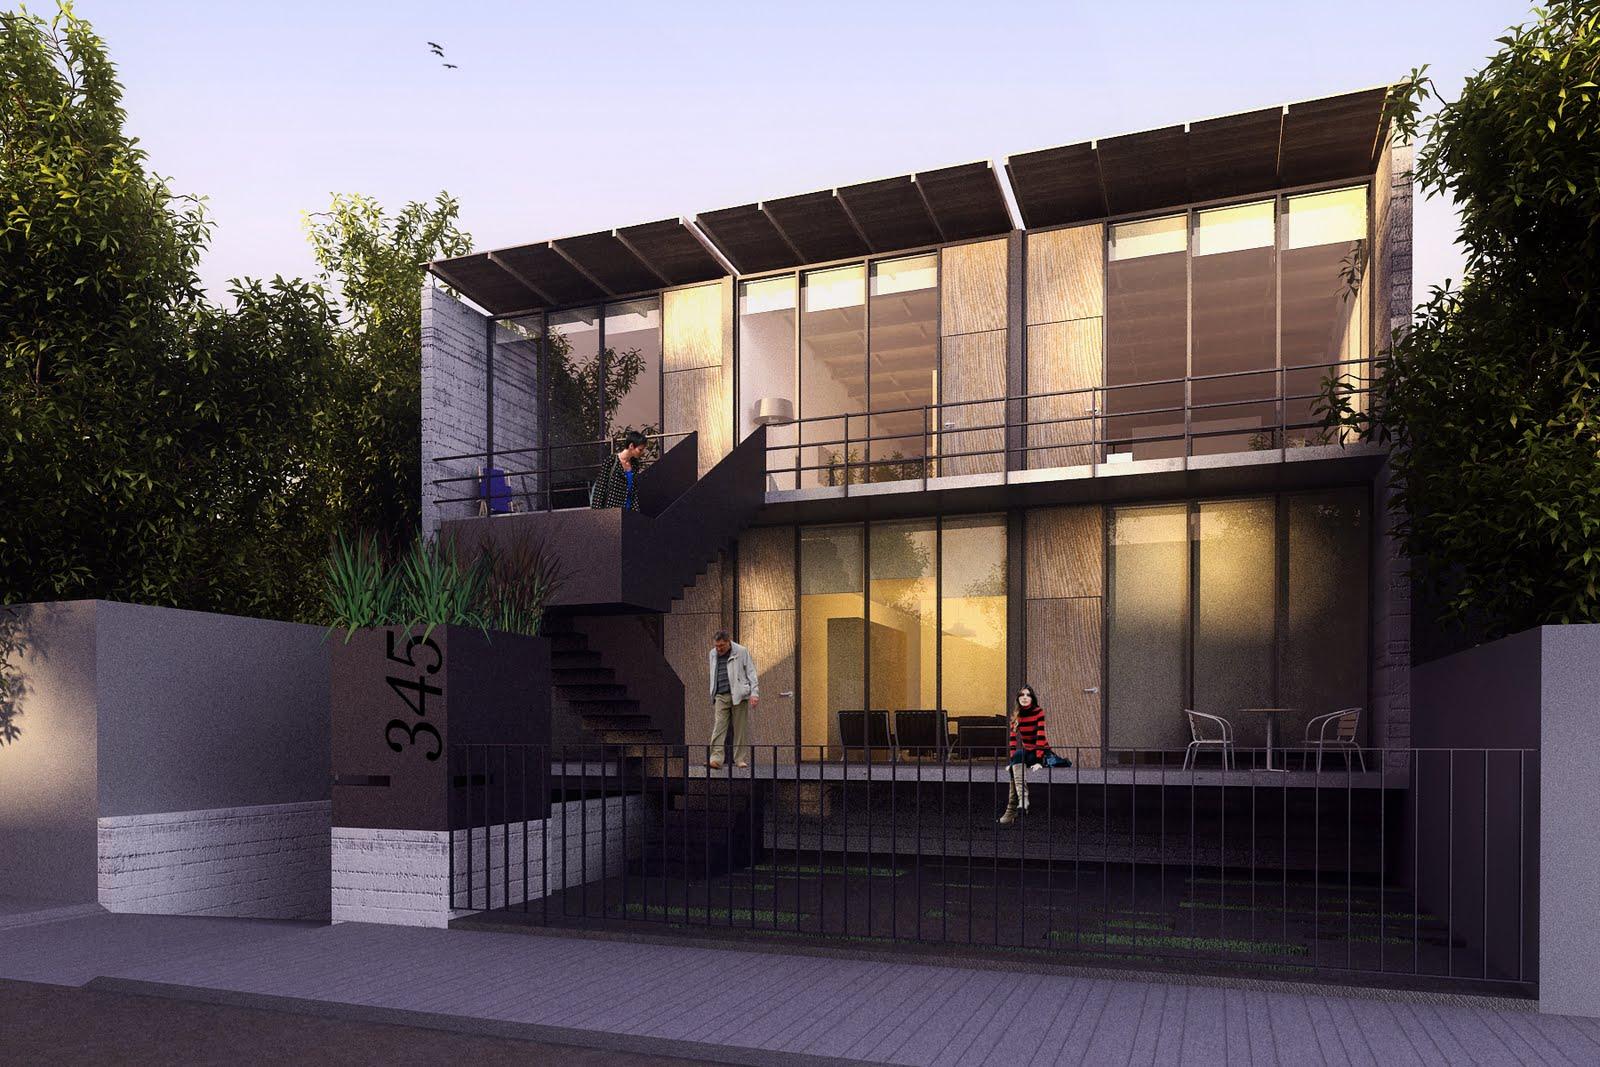 Arquitectura critica entrevista a despacho taller for Practicas estudio arquitectura